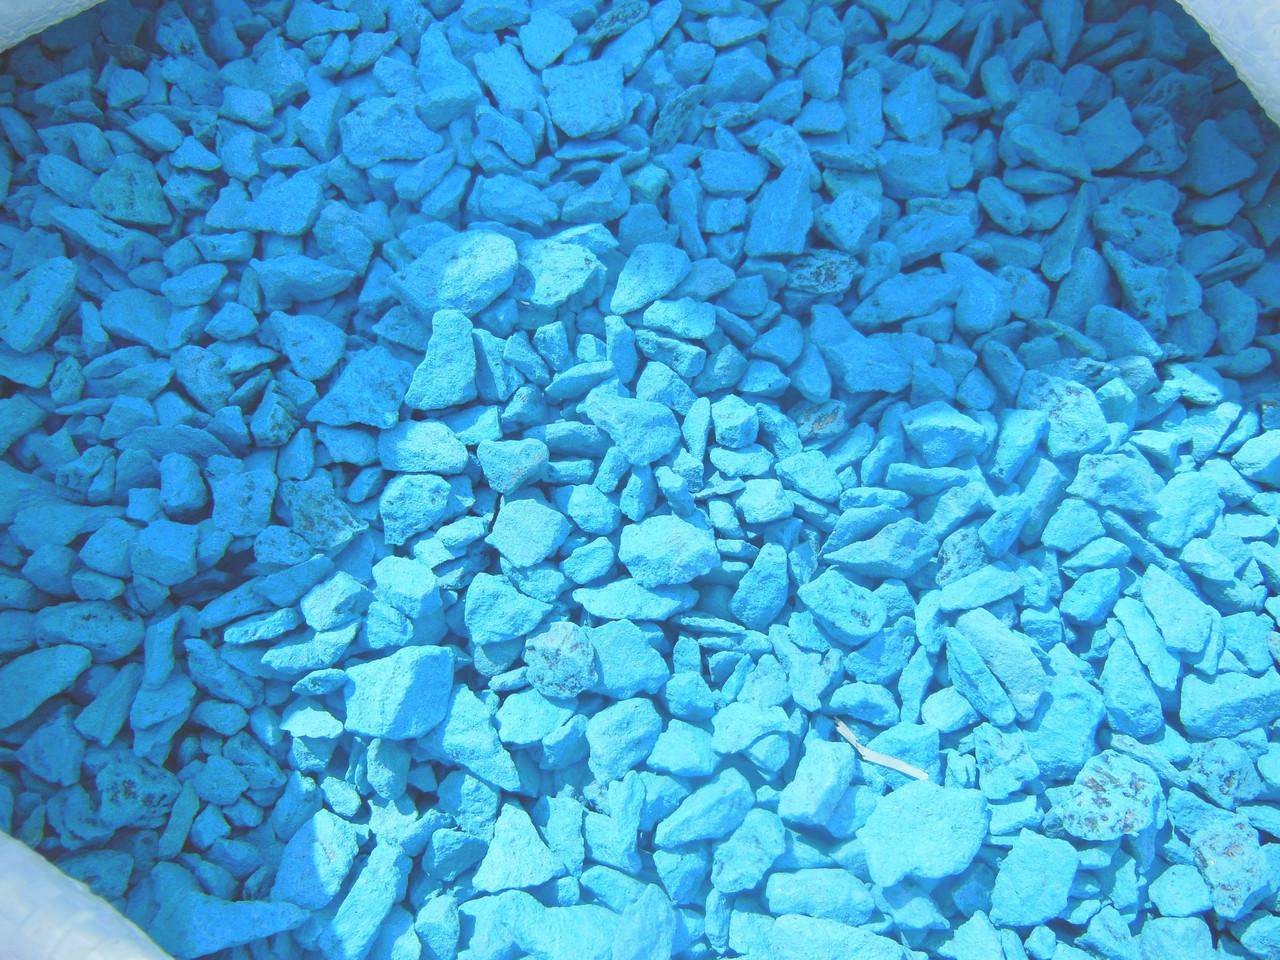 Щебень цветной гранитный от производителя крошка голубая - KOSPOLI в Днепре